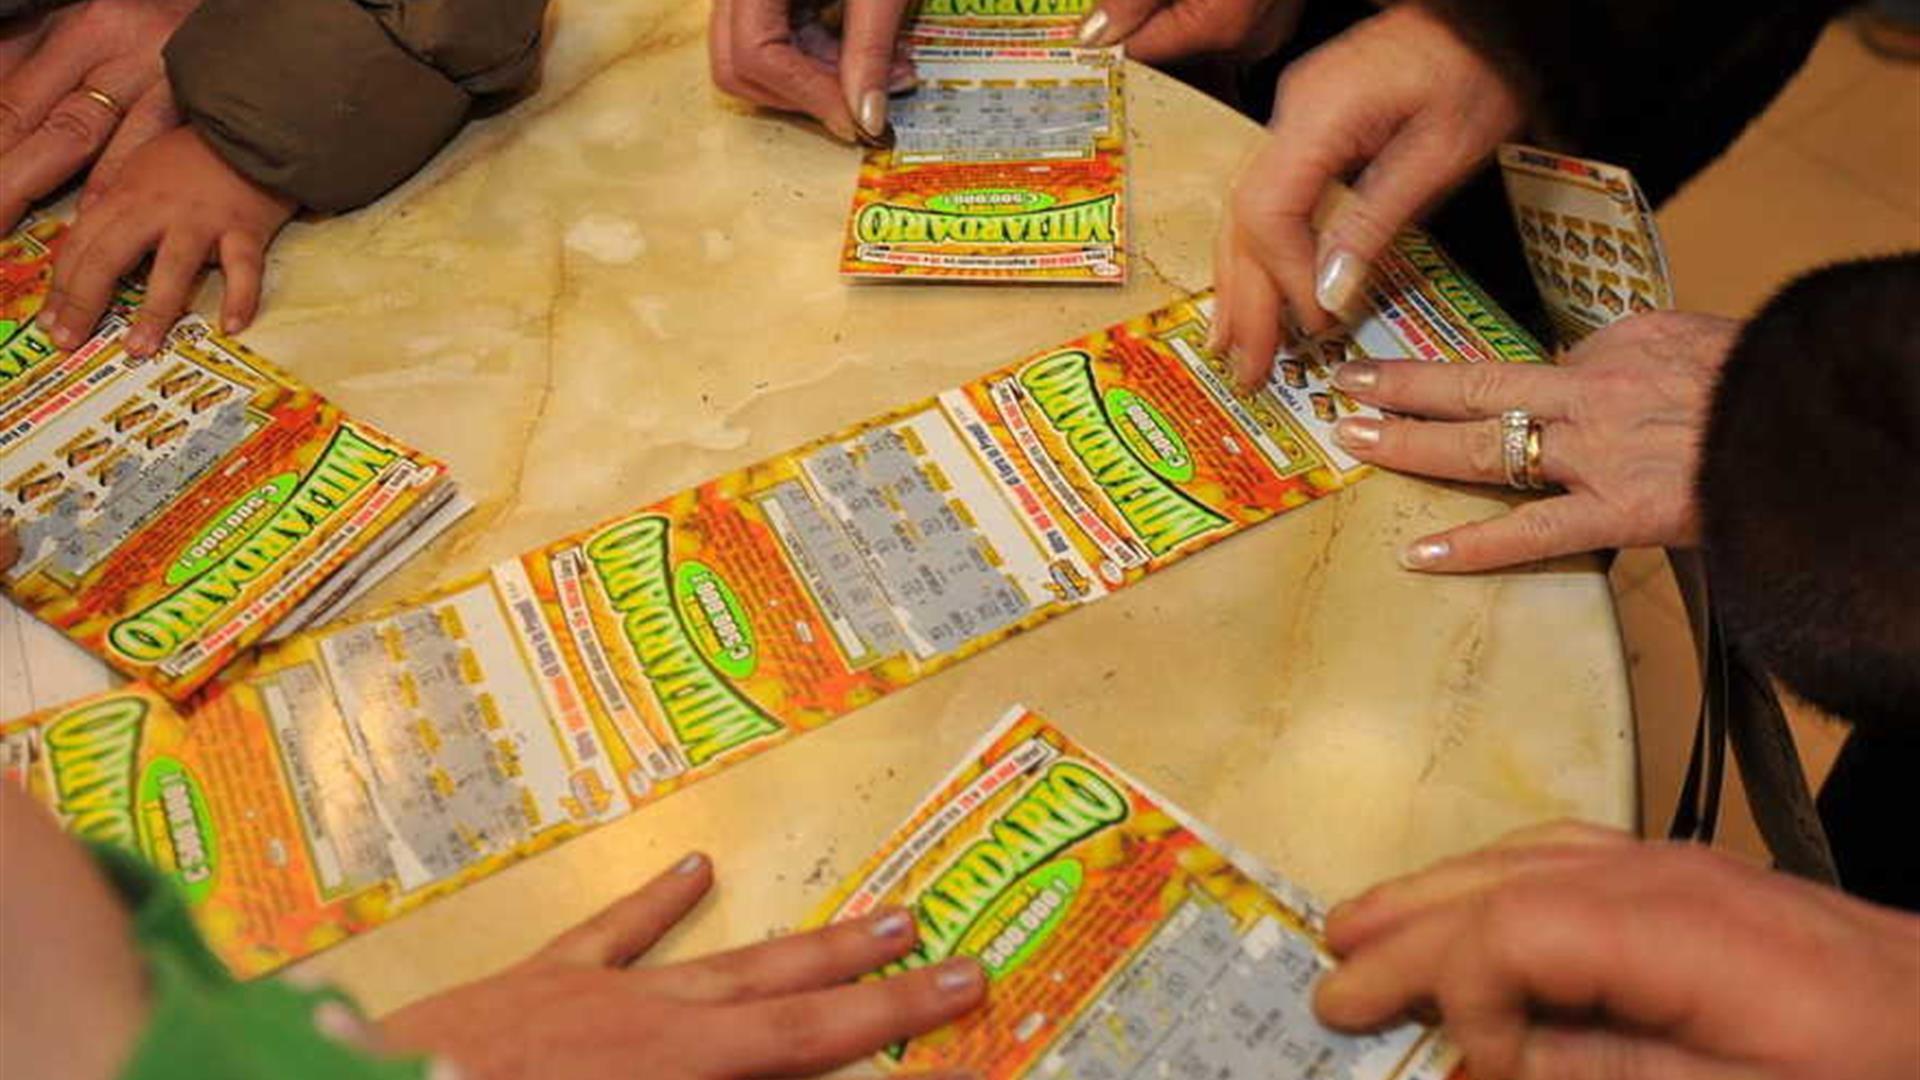 Truffa dei Gratta e Vinci: tabaccaio vendeva solo i biglietti perdenti